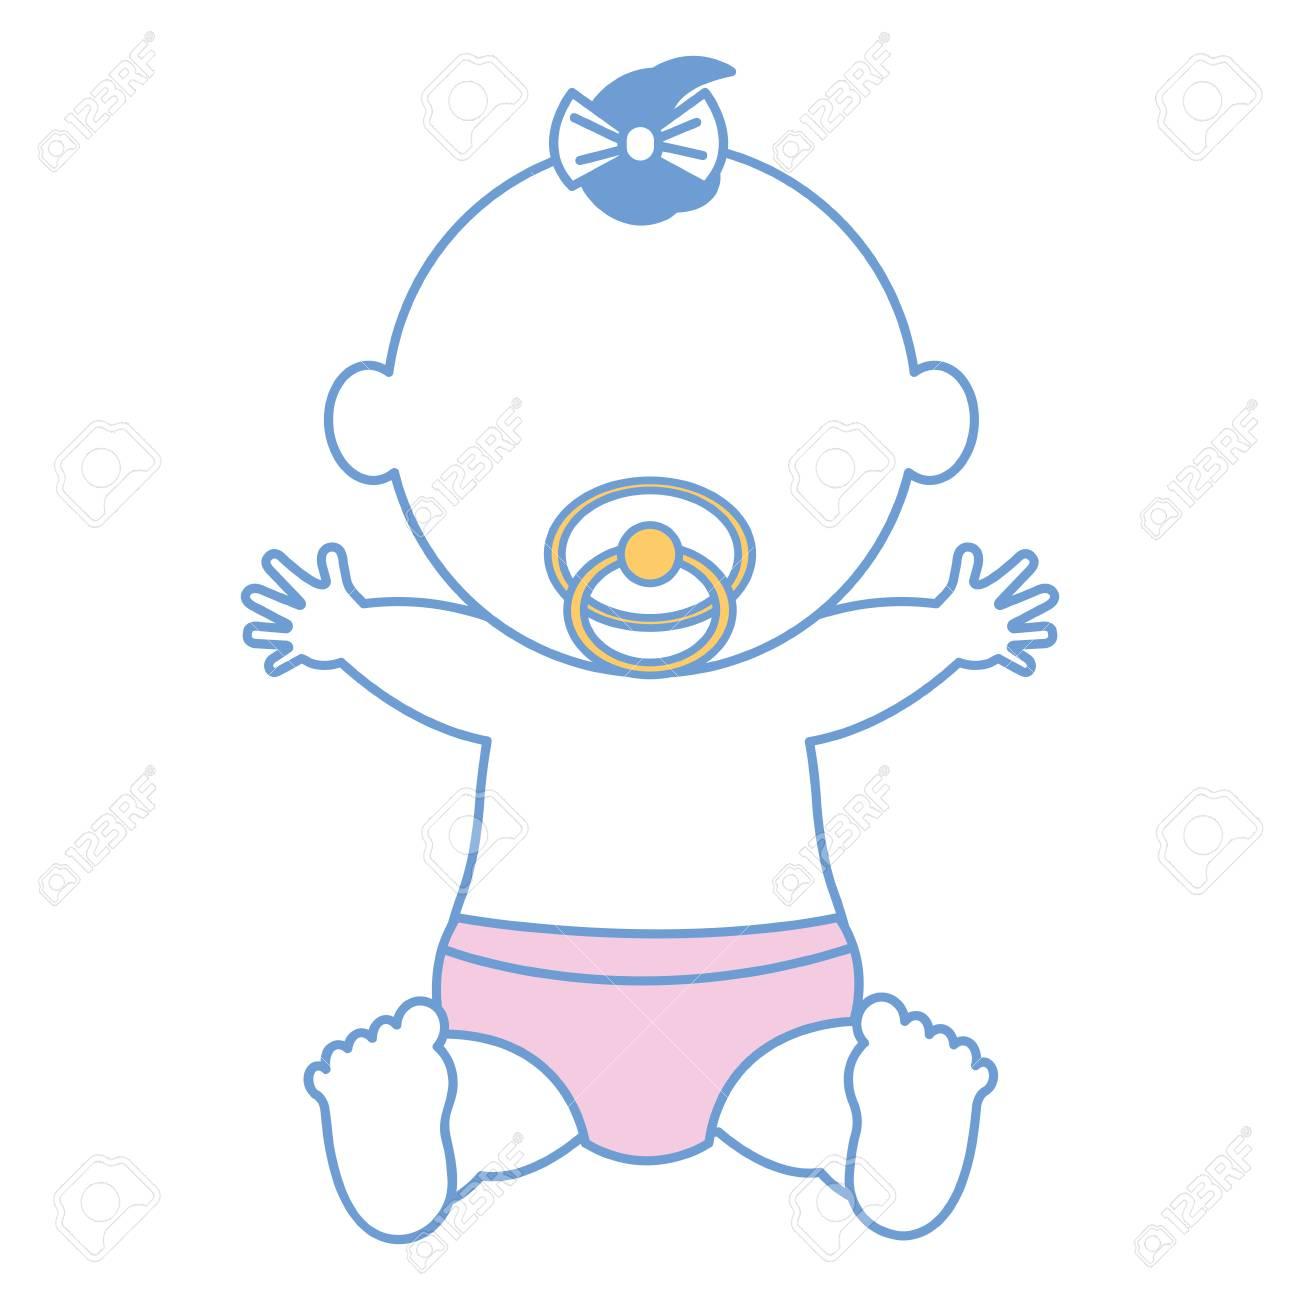 赤ちゃん服ハッピー アイコン ベクトル イラスト デザイン グラフィック